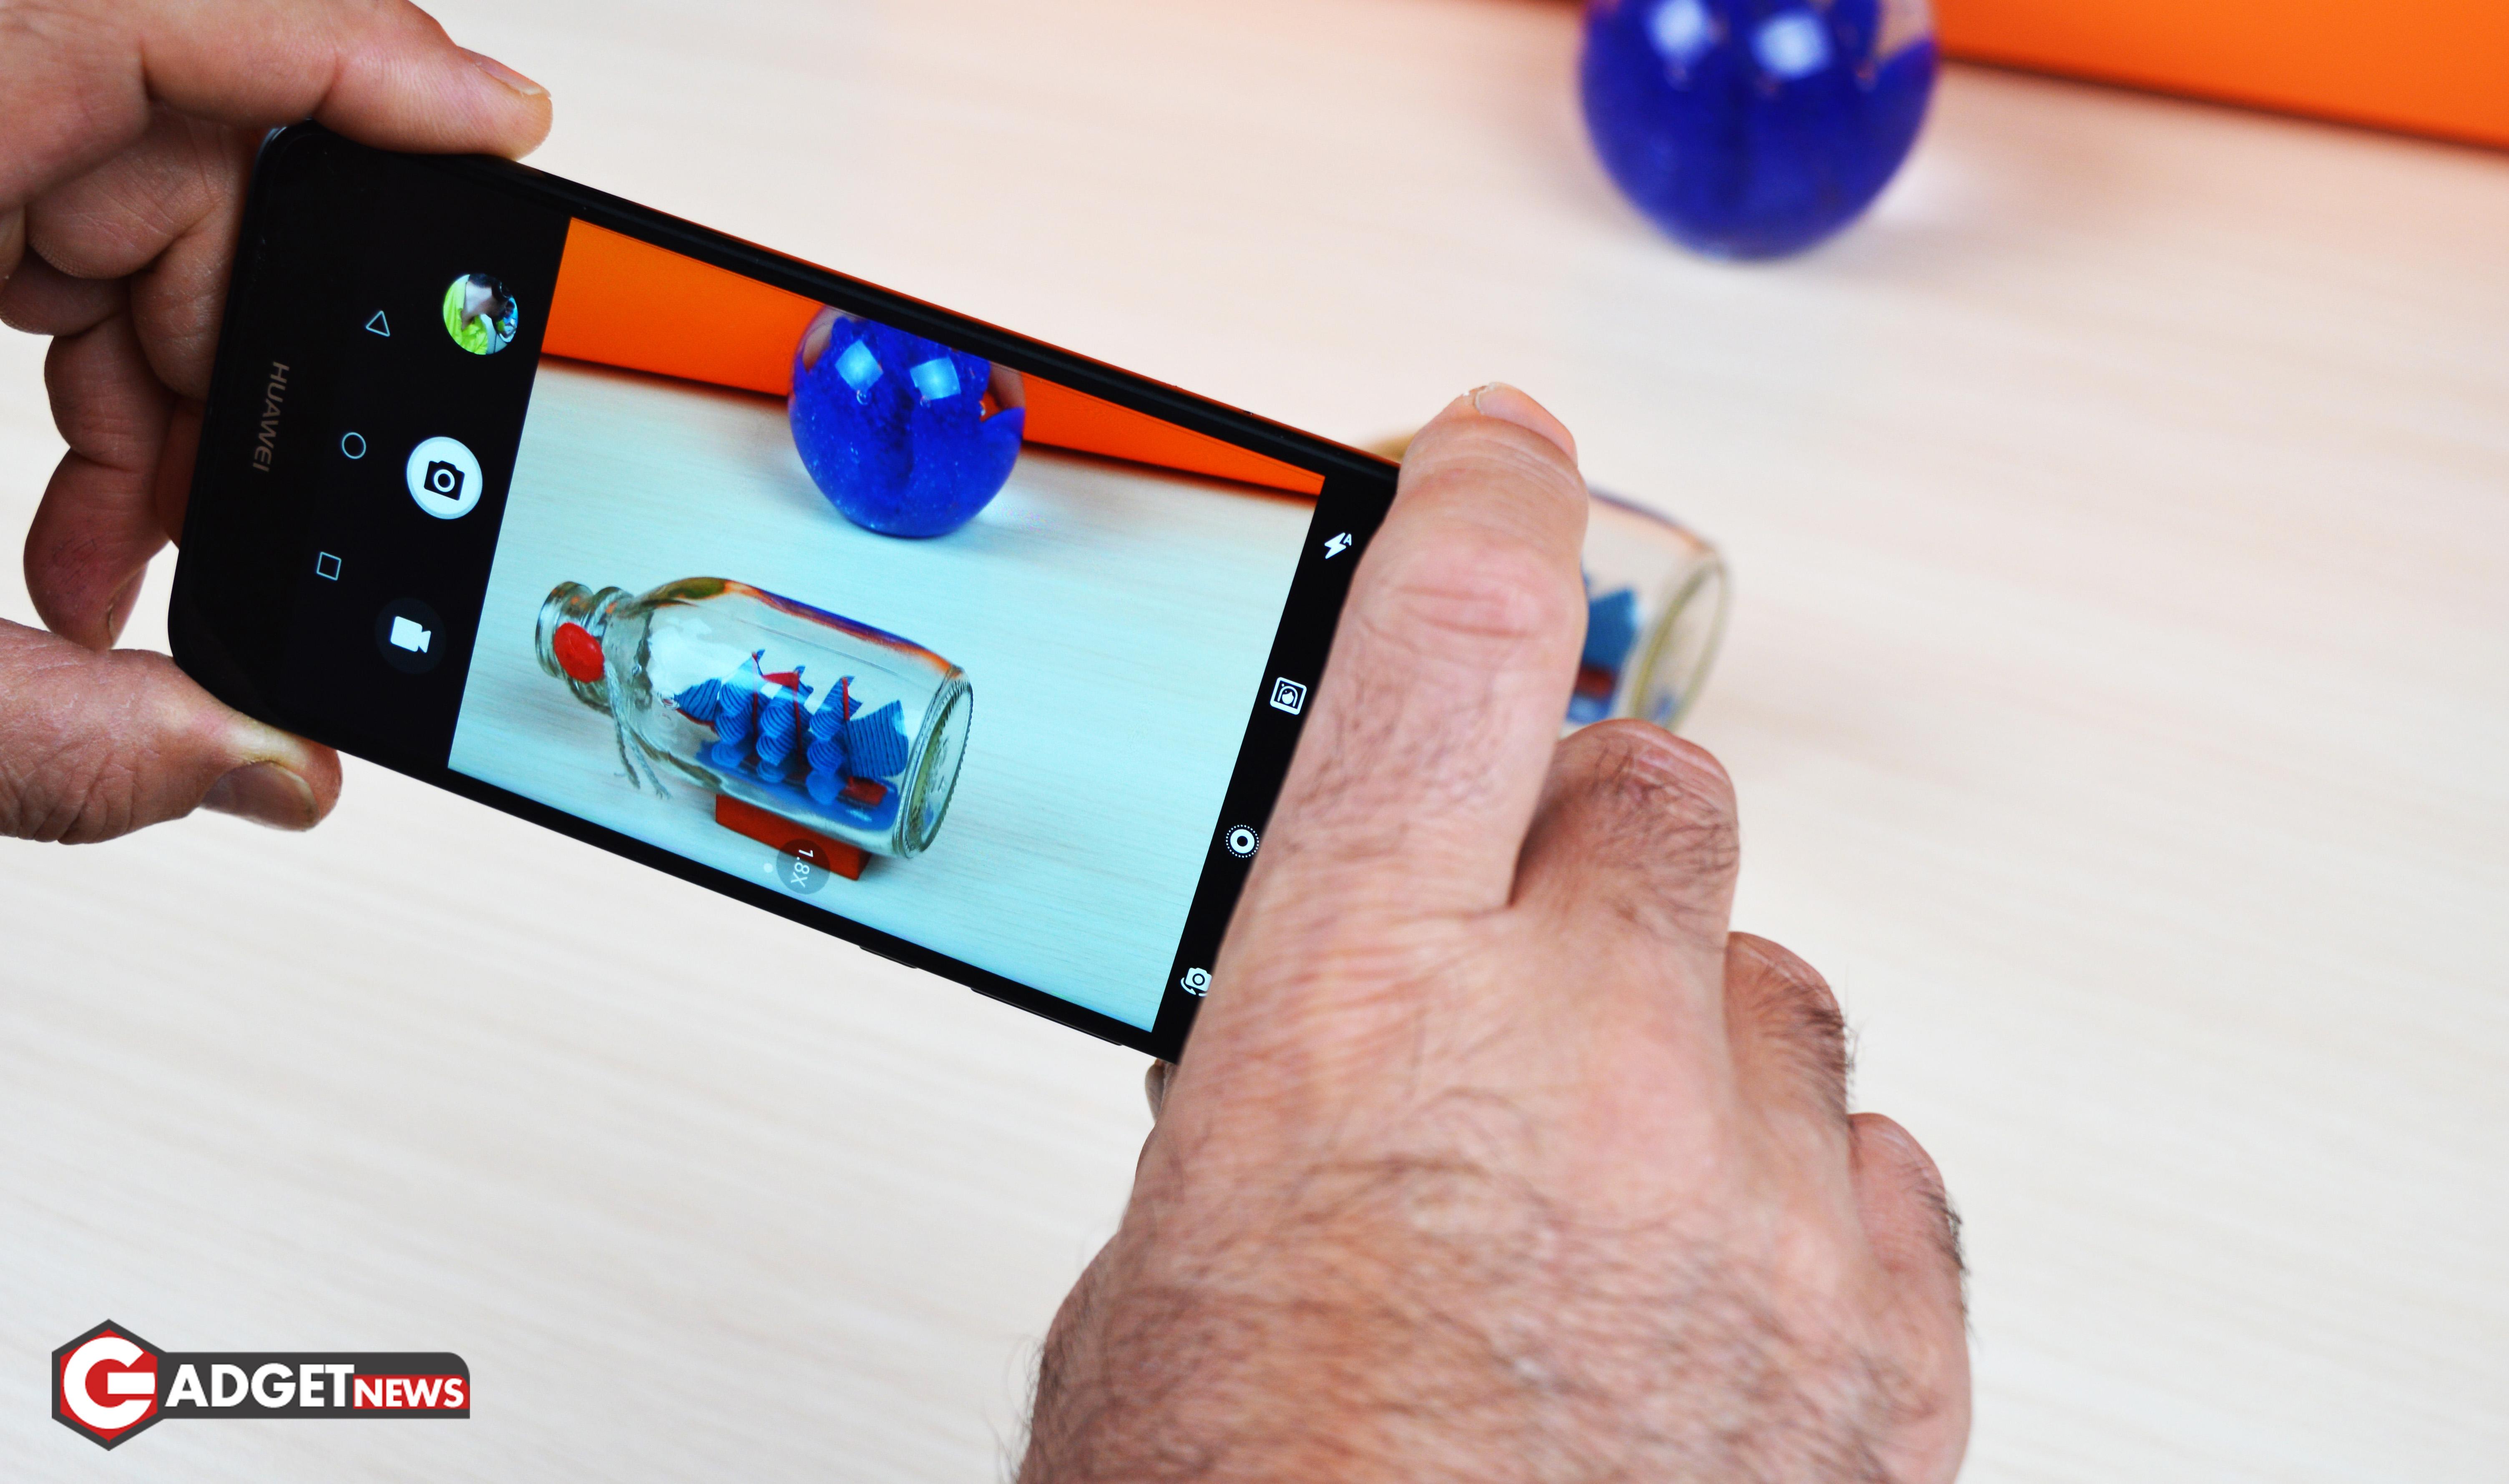 بررسی هواوی نوا 2 پلاس - Huawei nova 2 Plus: مشخصات، طراحی، عملکرد فنی و قیمت